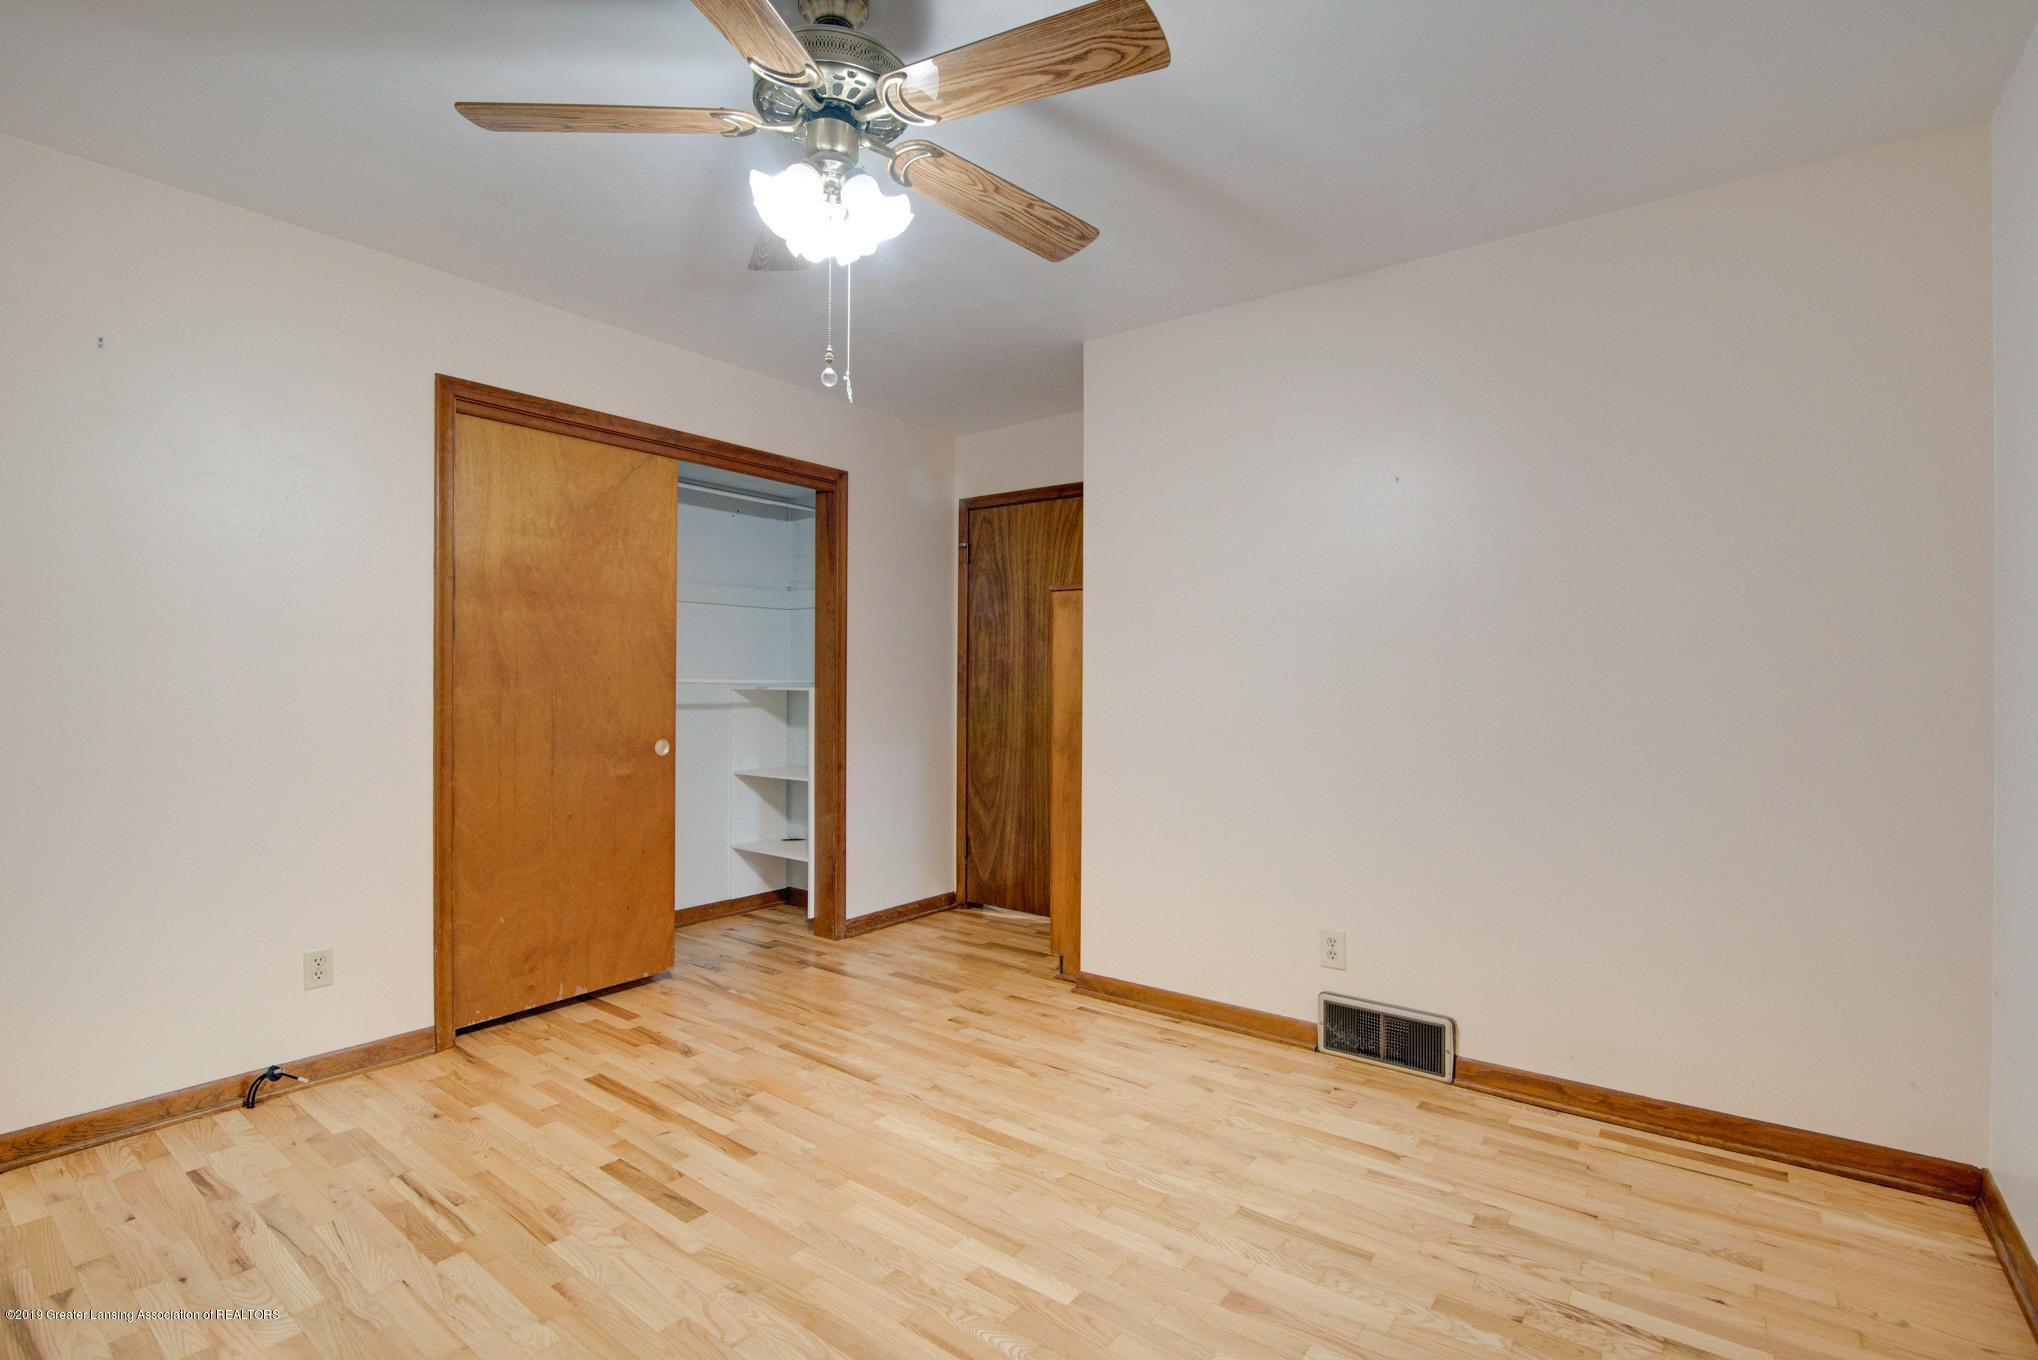 1237 Daisy Ln - Bedroom - 14